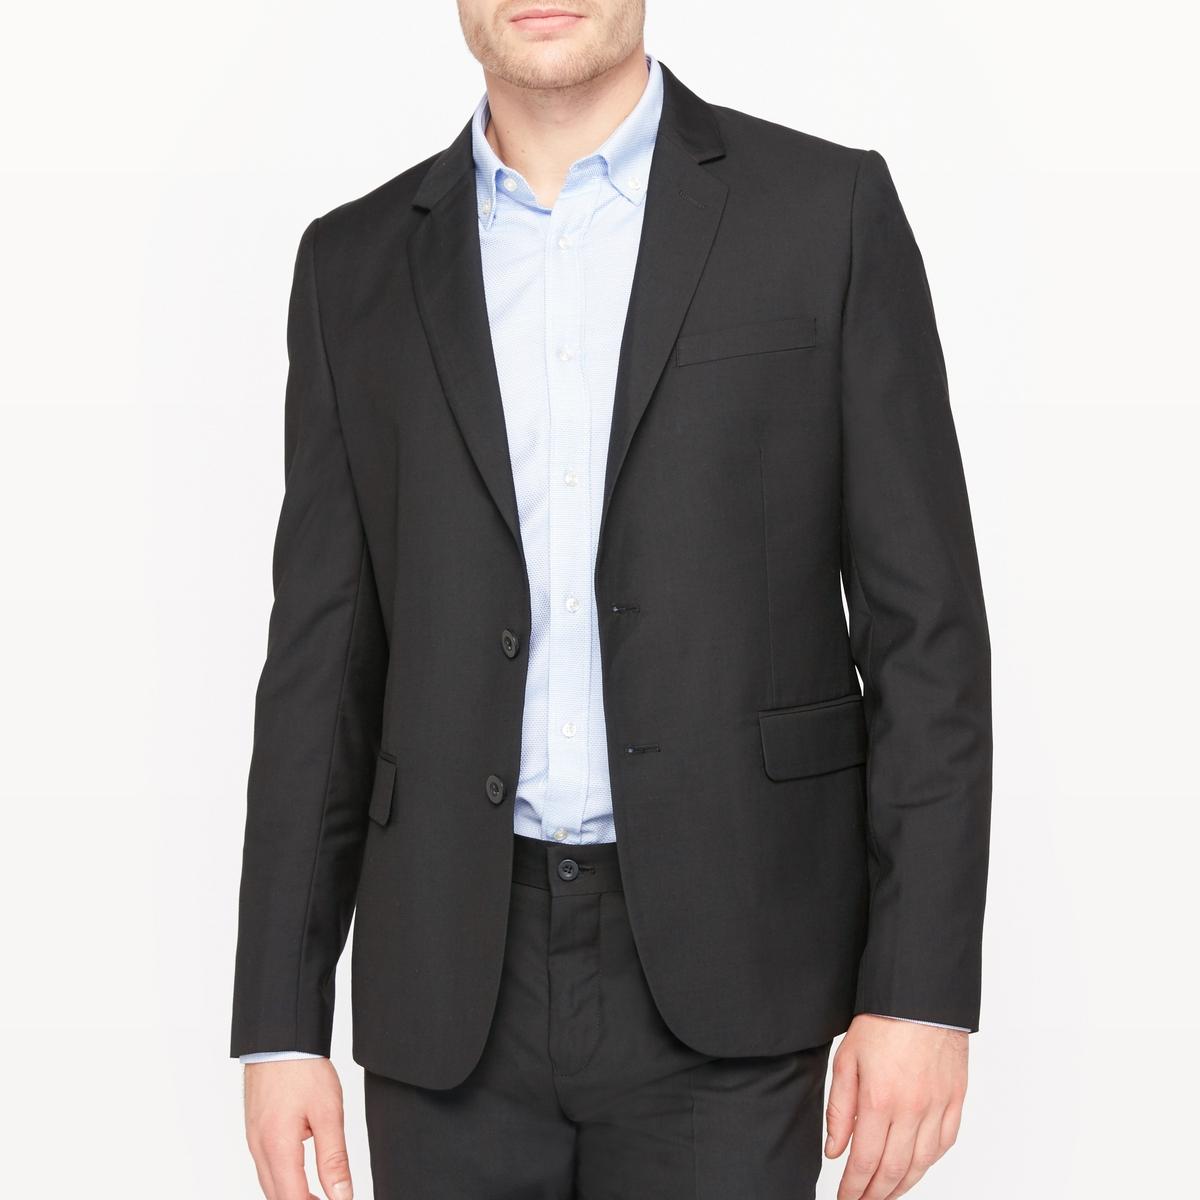 Пиджак костюмный прямого покрояКостюмный пиджак. Прямой покрой. Застежка на 2 пуговицы. 2 прорезных кармана с клапаном спереди. 1 прорезной нагрудный карман. Внутренние карманы. Низ рукавов с разрезом и 4 пуговицами. Шлица посередине сзади. На подкладке.Состав и описаниеМатериал : 80% полиэстера, 20% вискозы - Подкладка : 100% полиэстерДлина : 74 смМарка :      R ?ditionУходТолько сухая чистка<br><br>Цвет: черный<br>Размер: 56.54.52.46